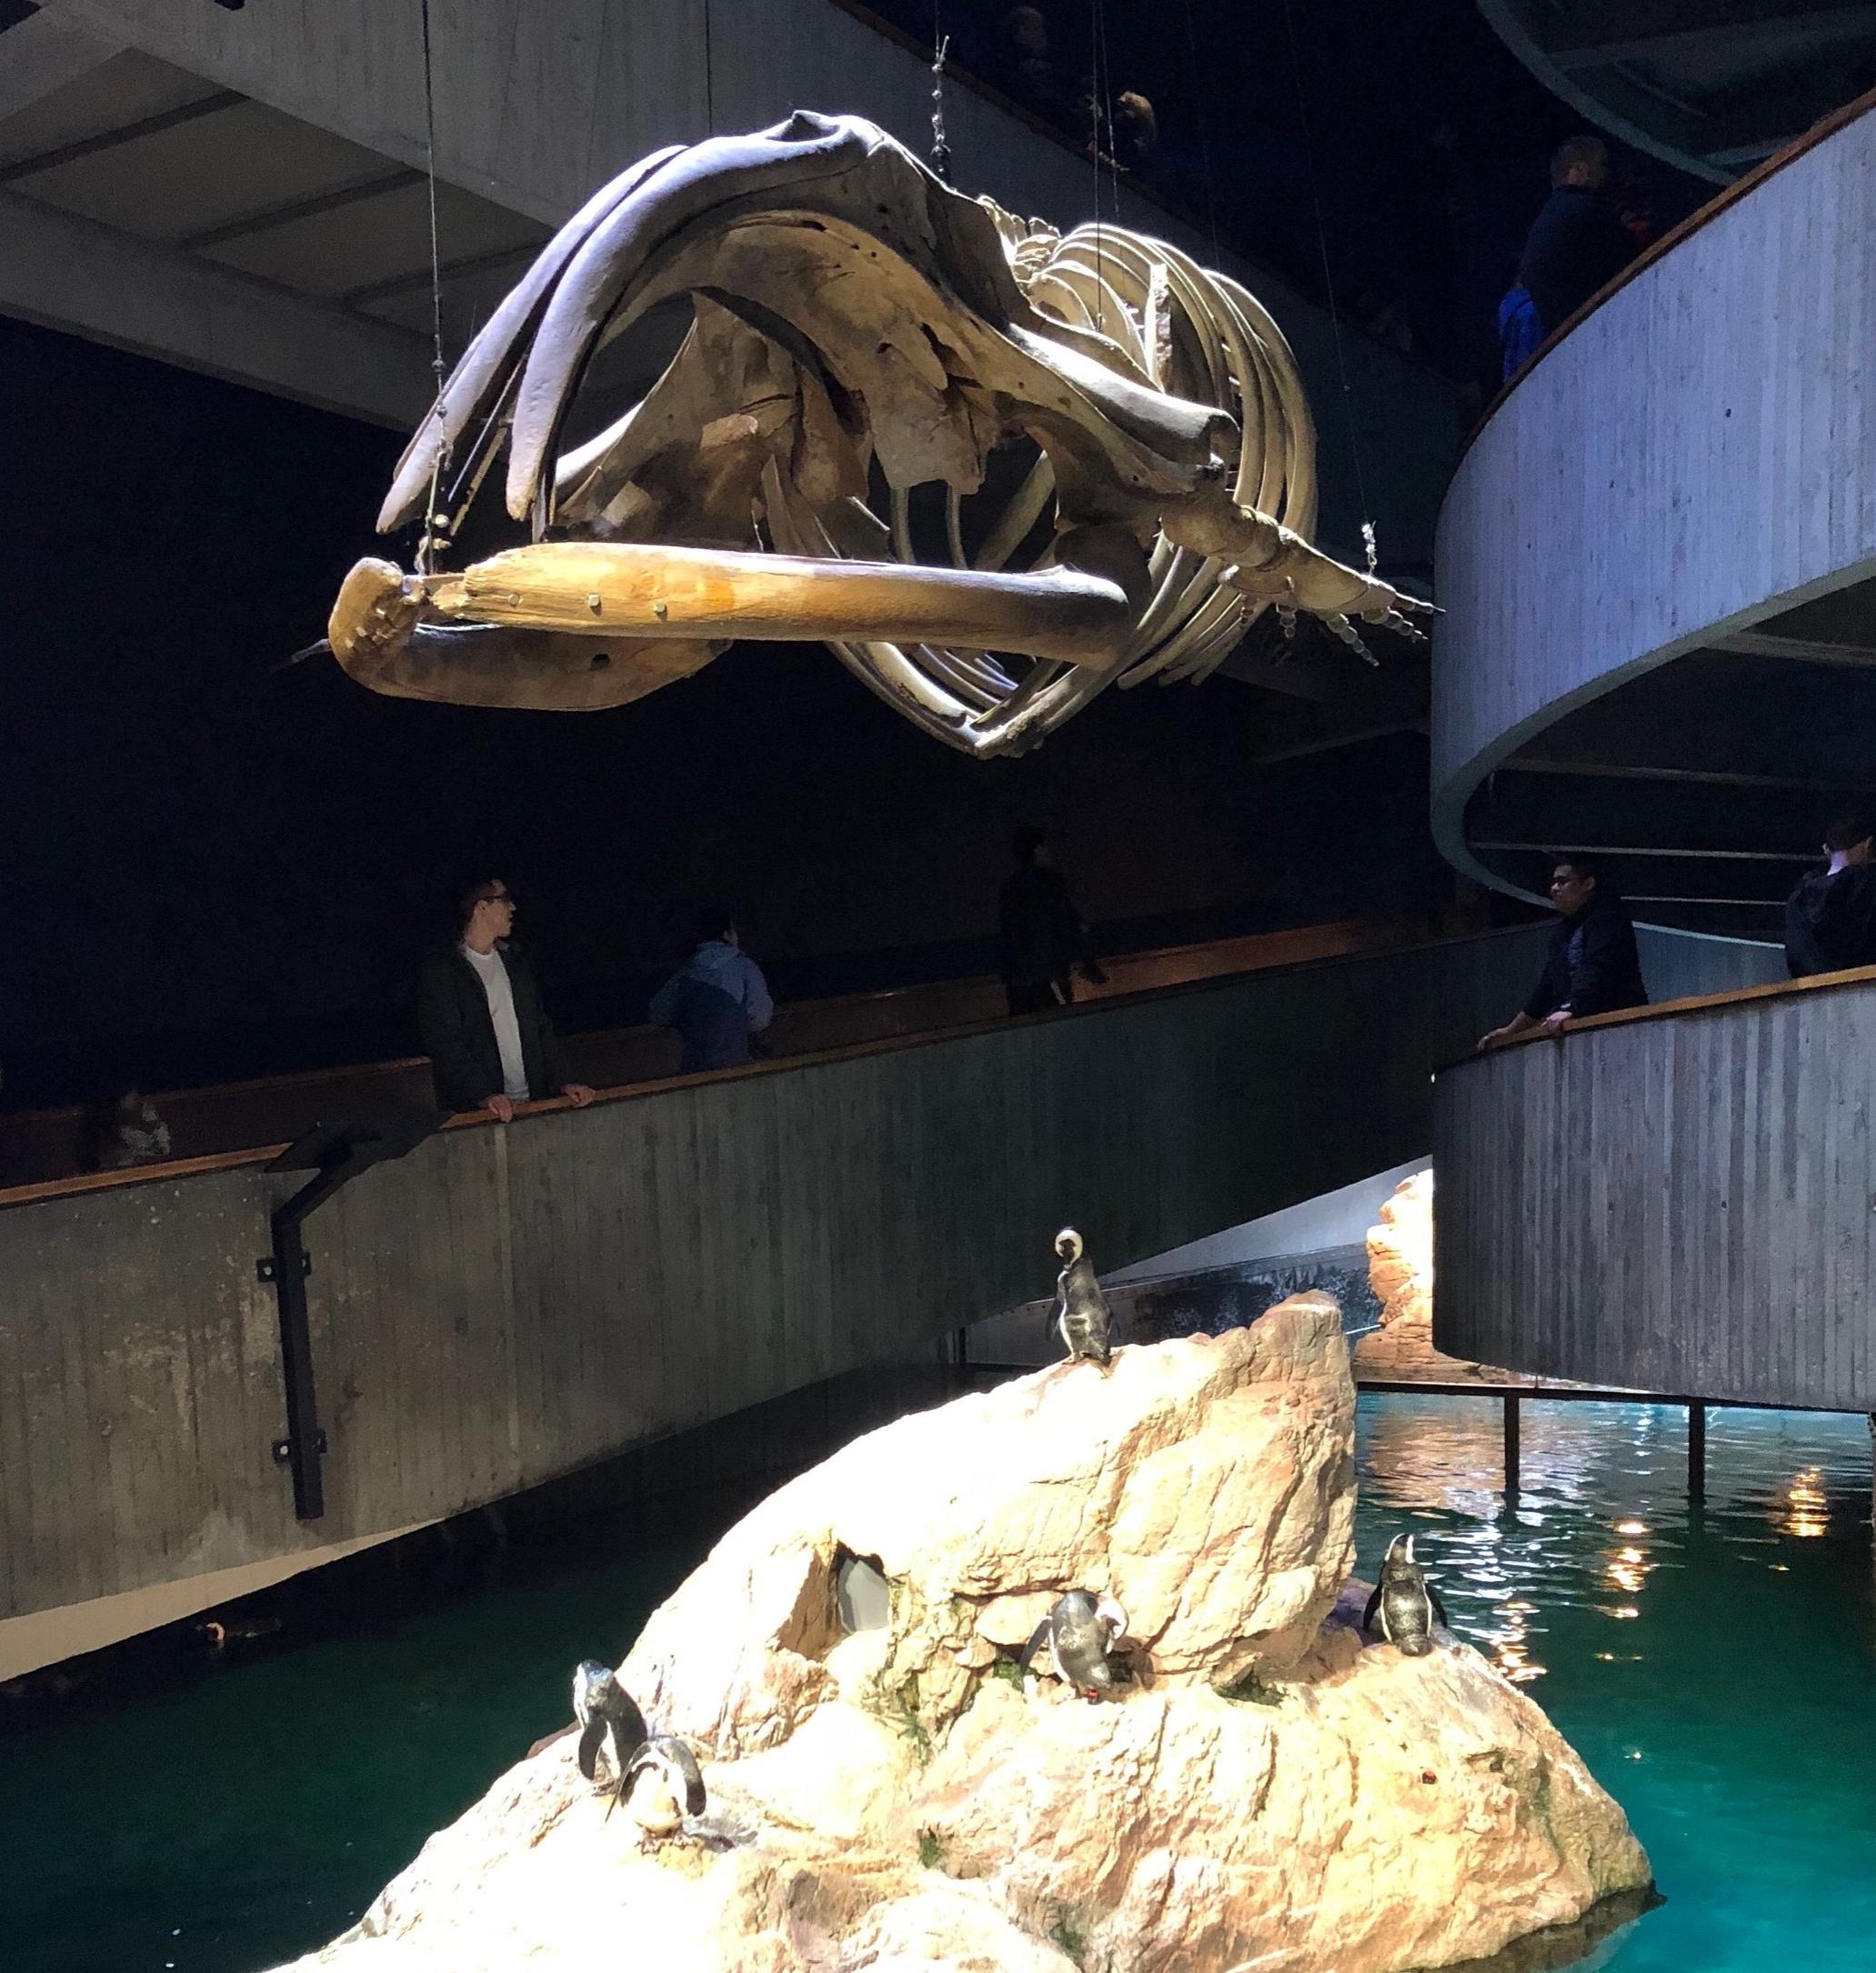 HIST1708 visit to the New England Aquarium